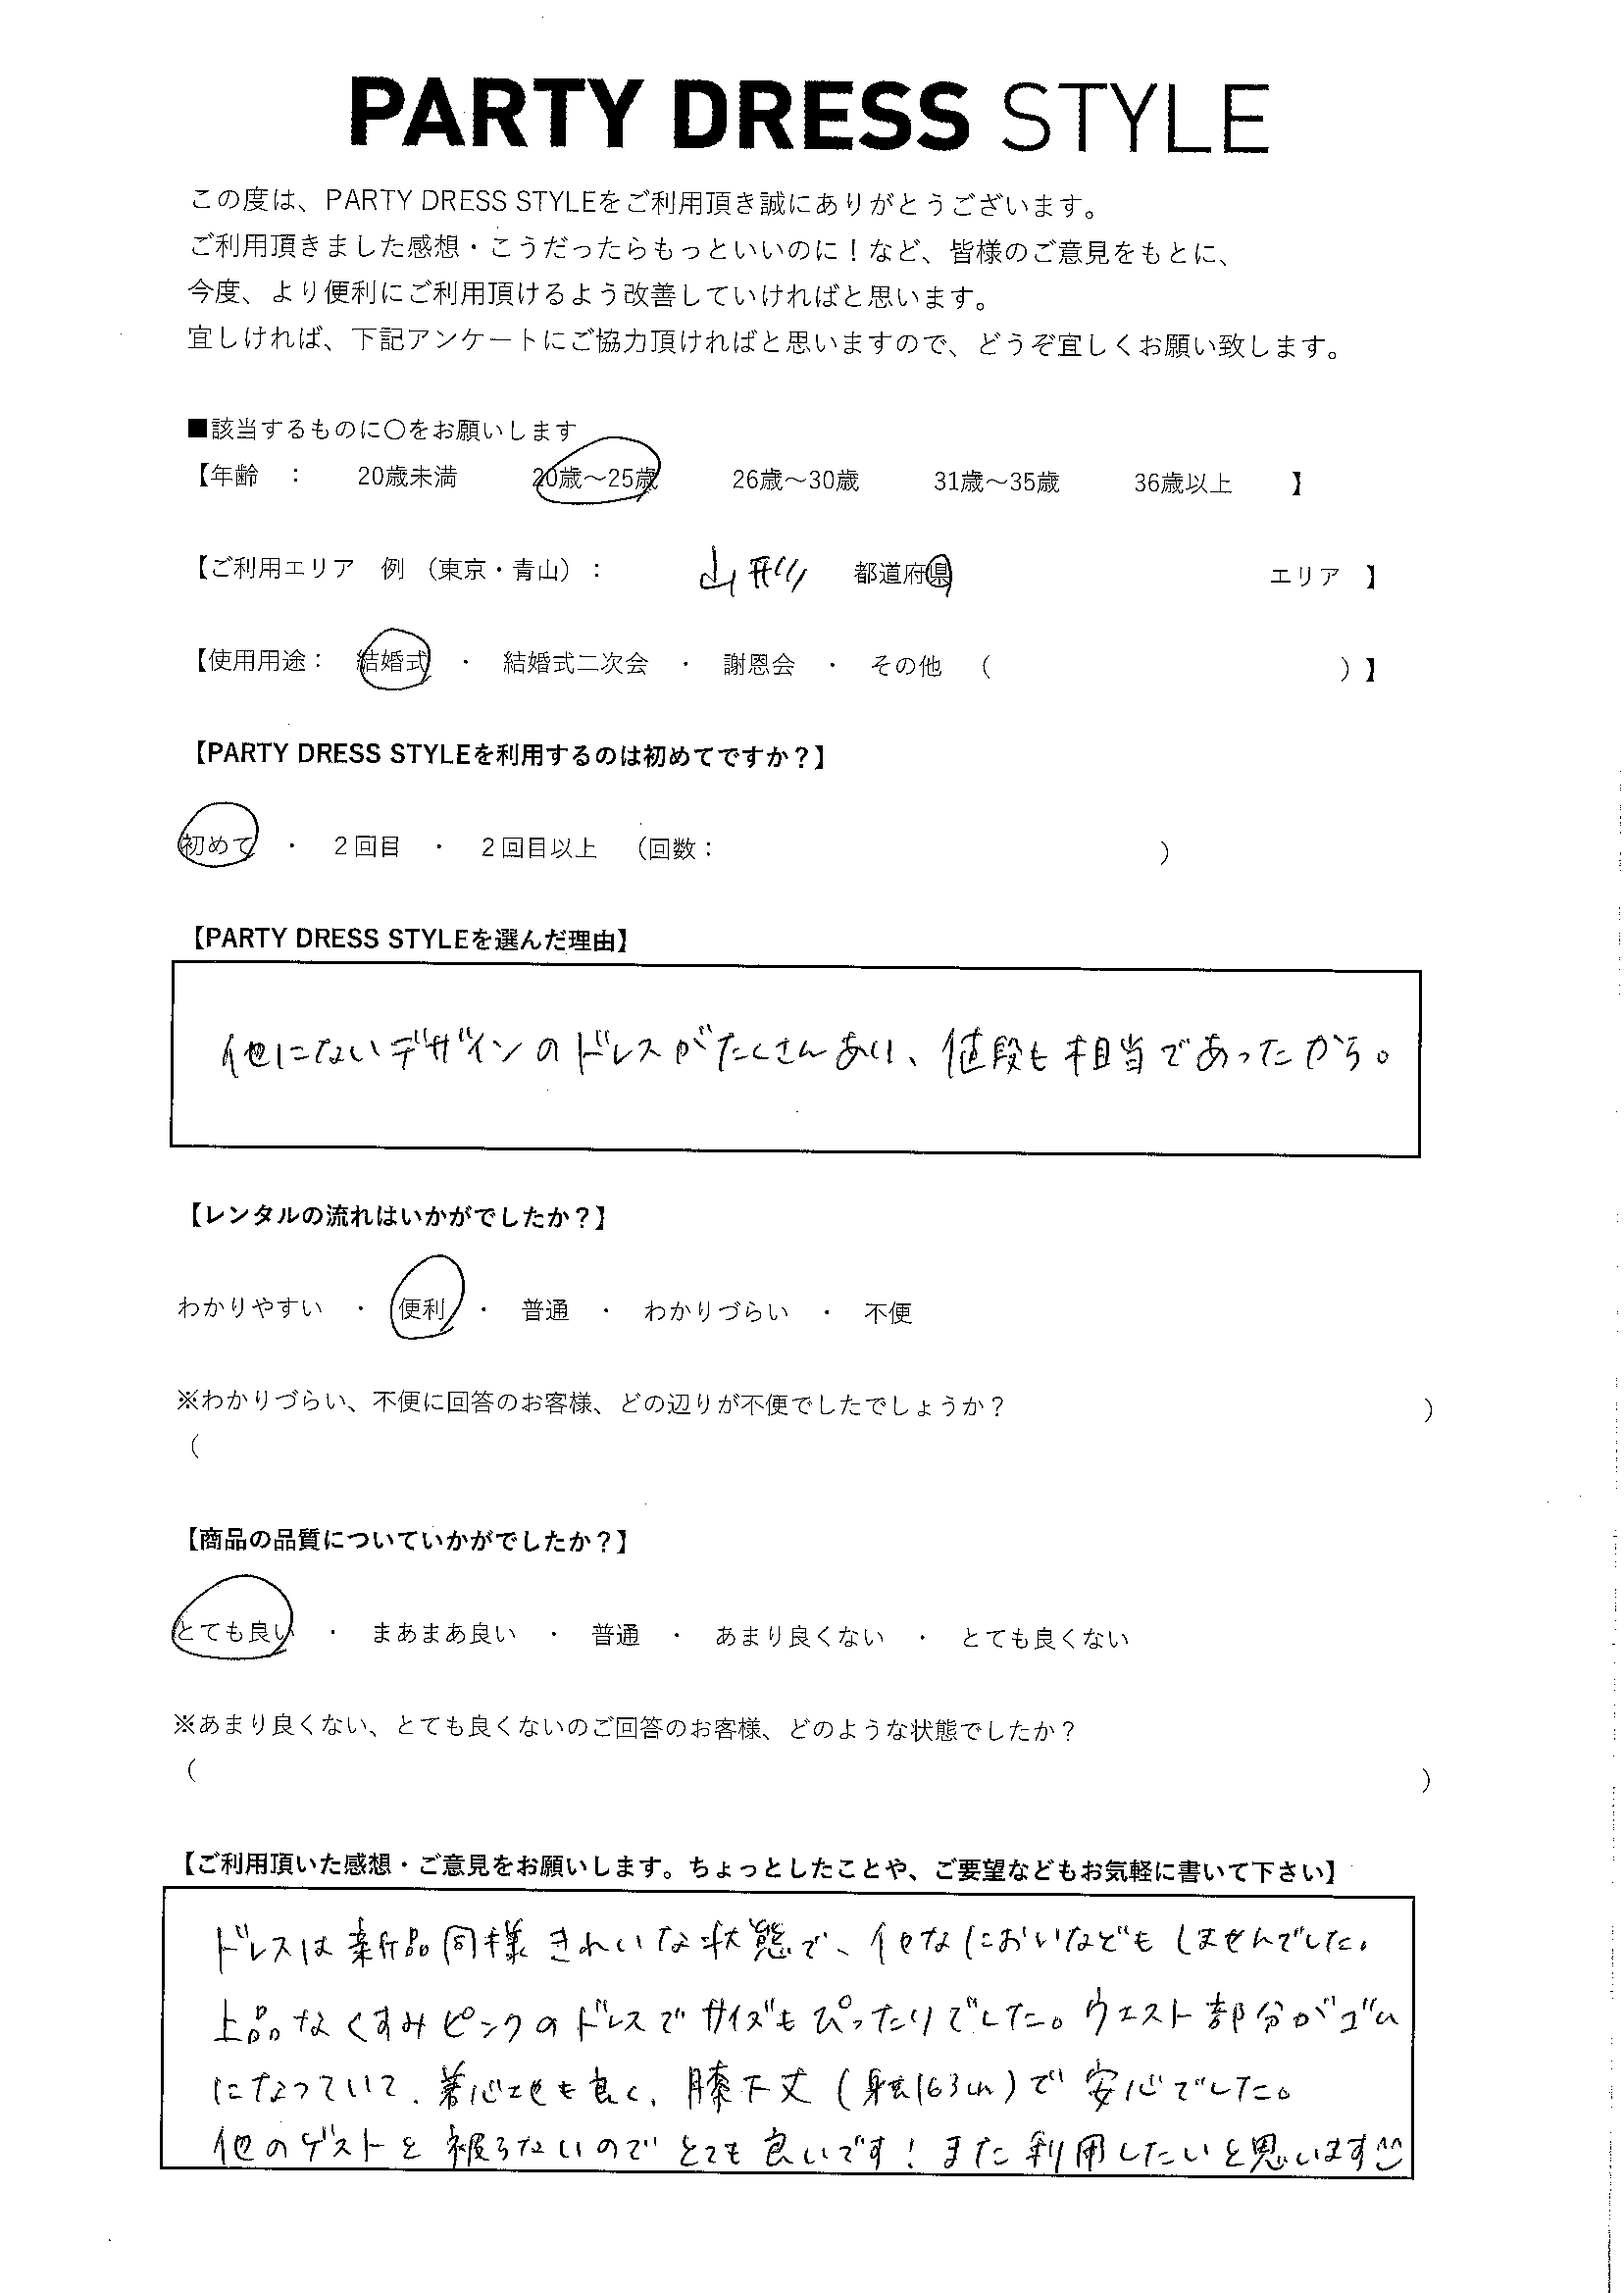 9/28結婚式 山形県利用